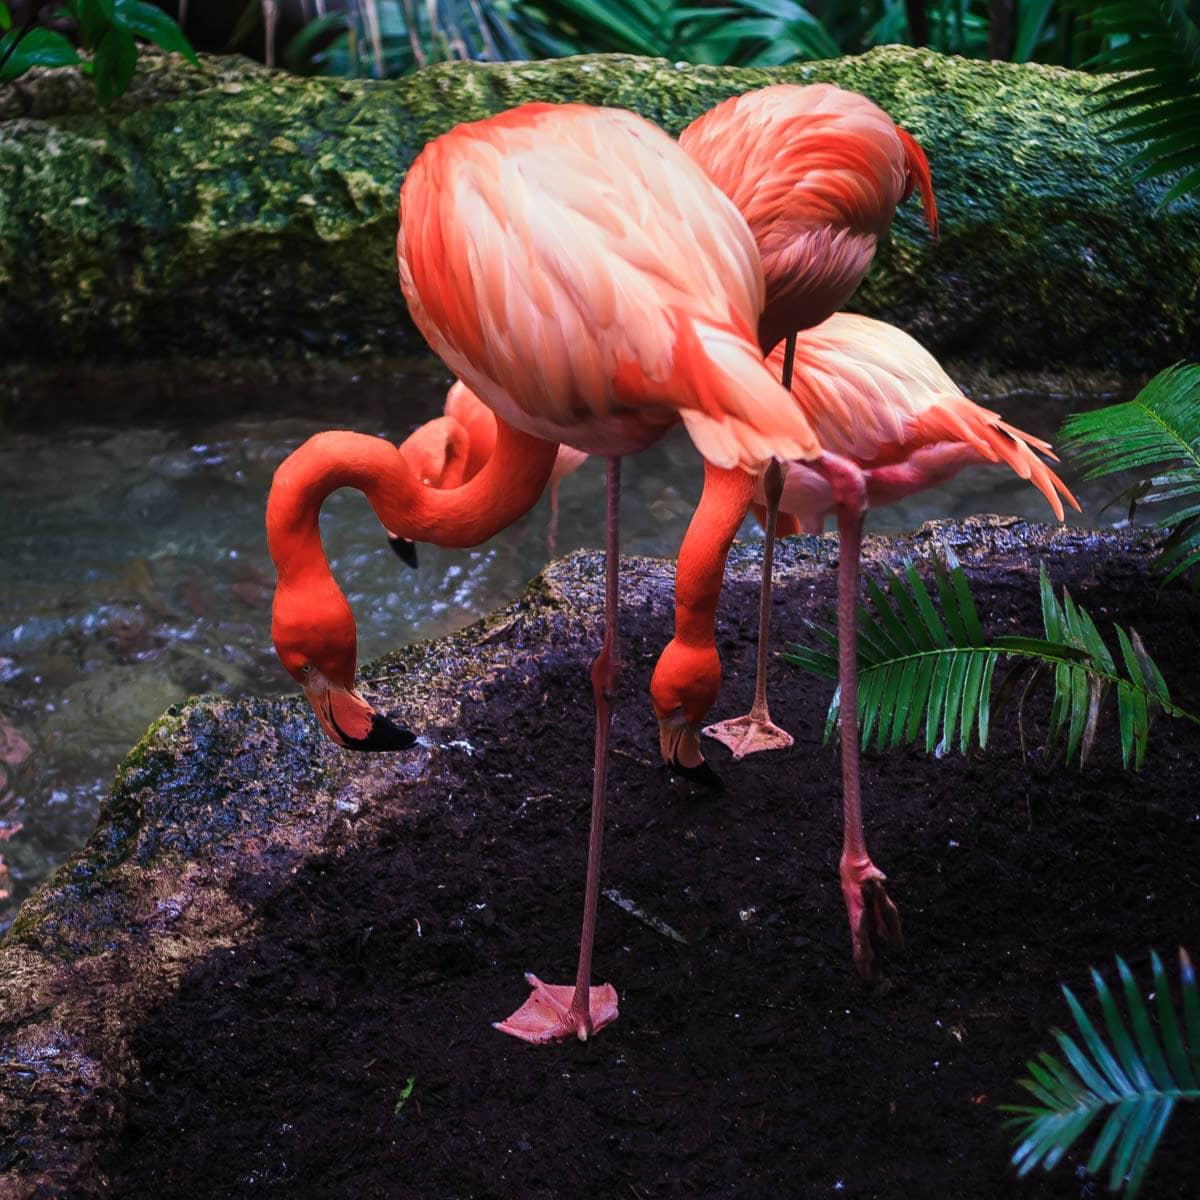 Flamingos at the Dallas World Aquarium.